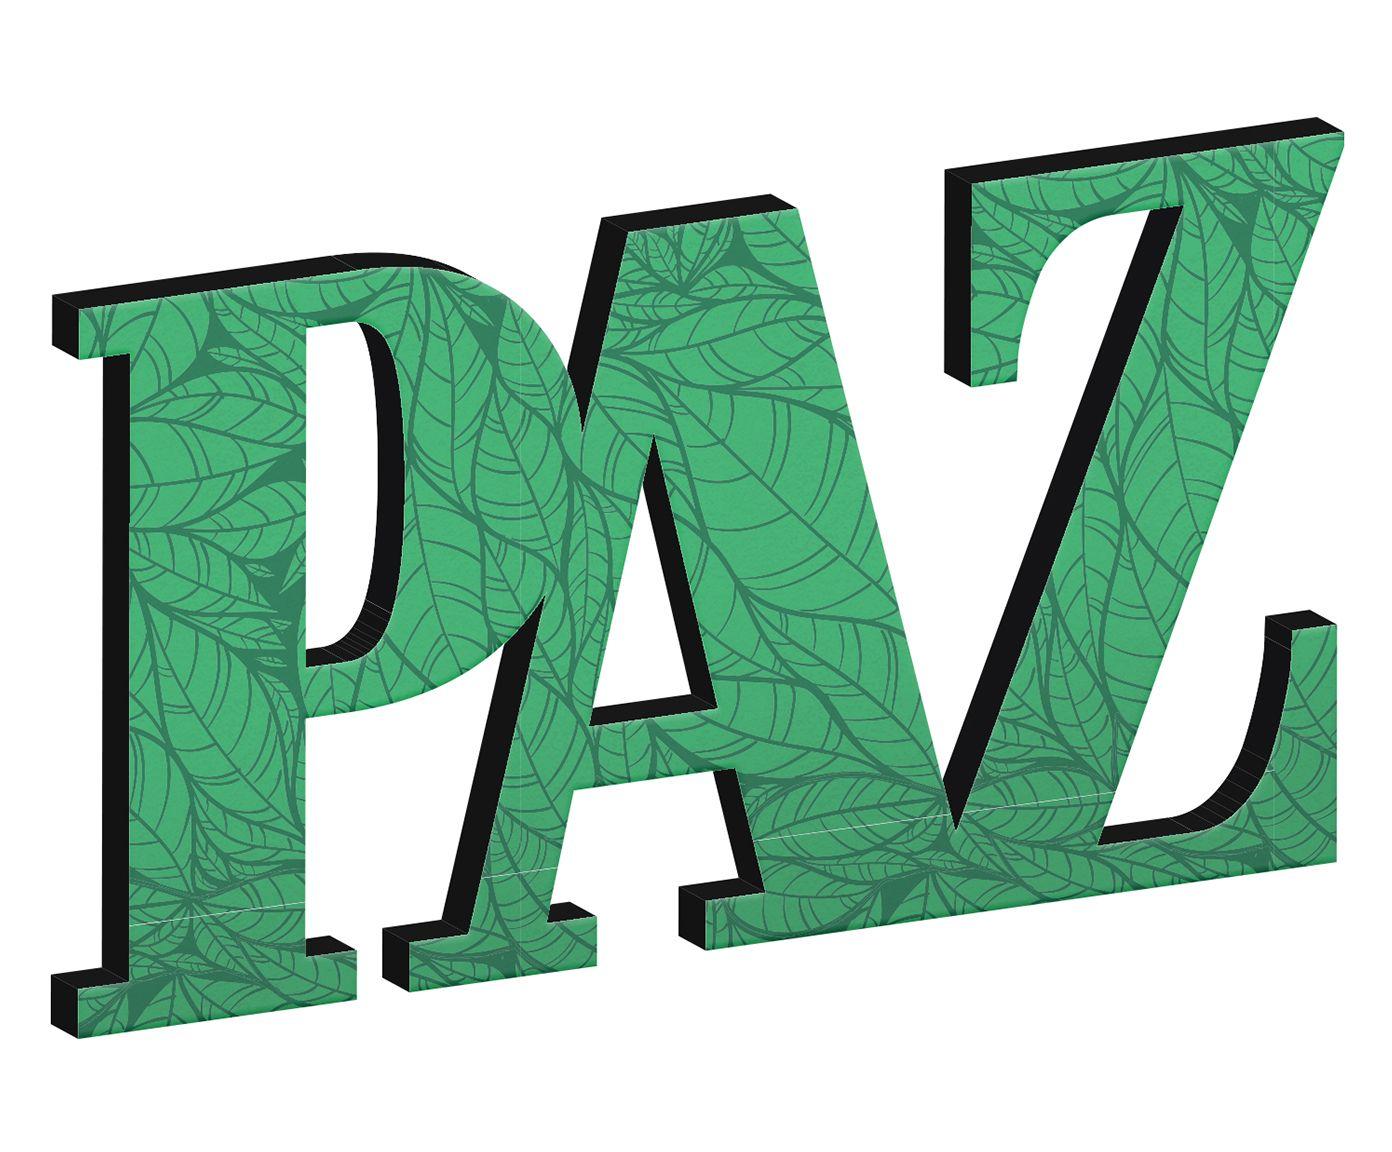 Adorno Paz   Westwing.com.br